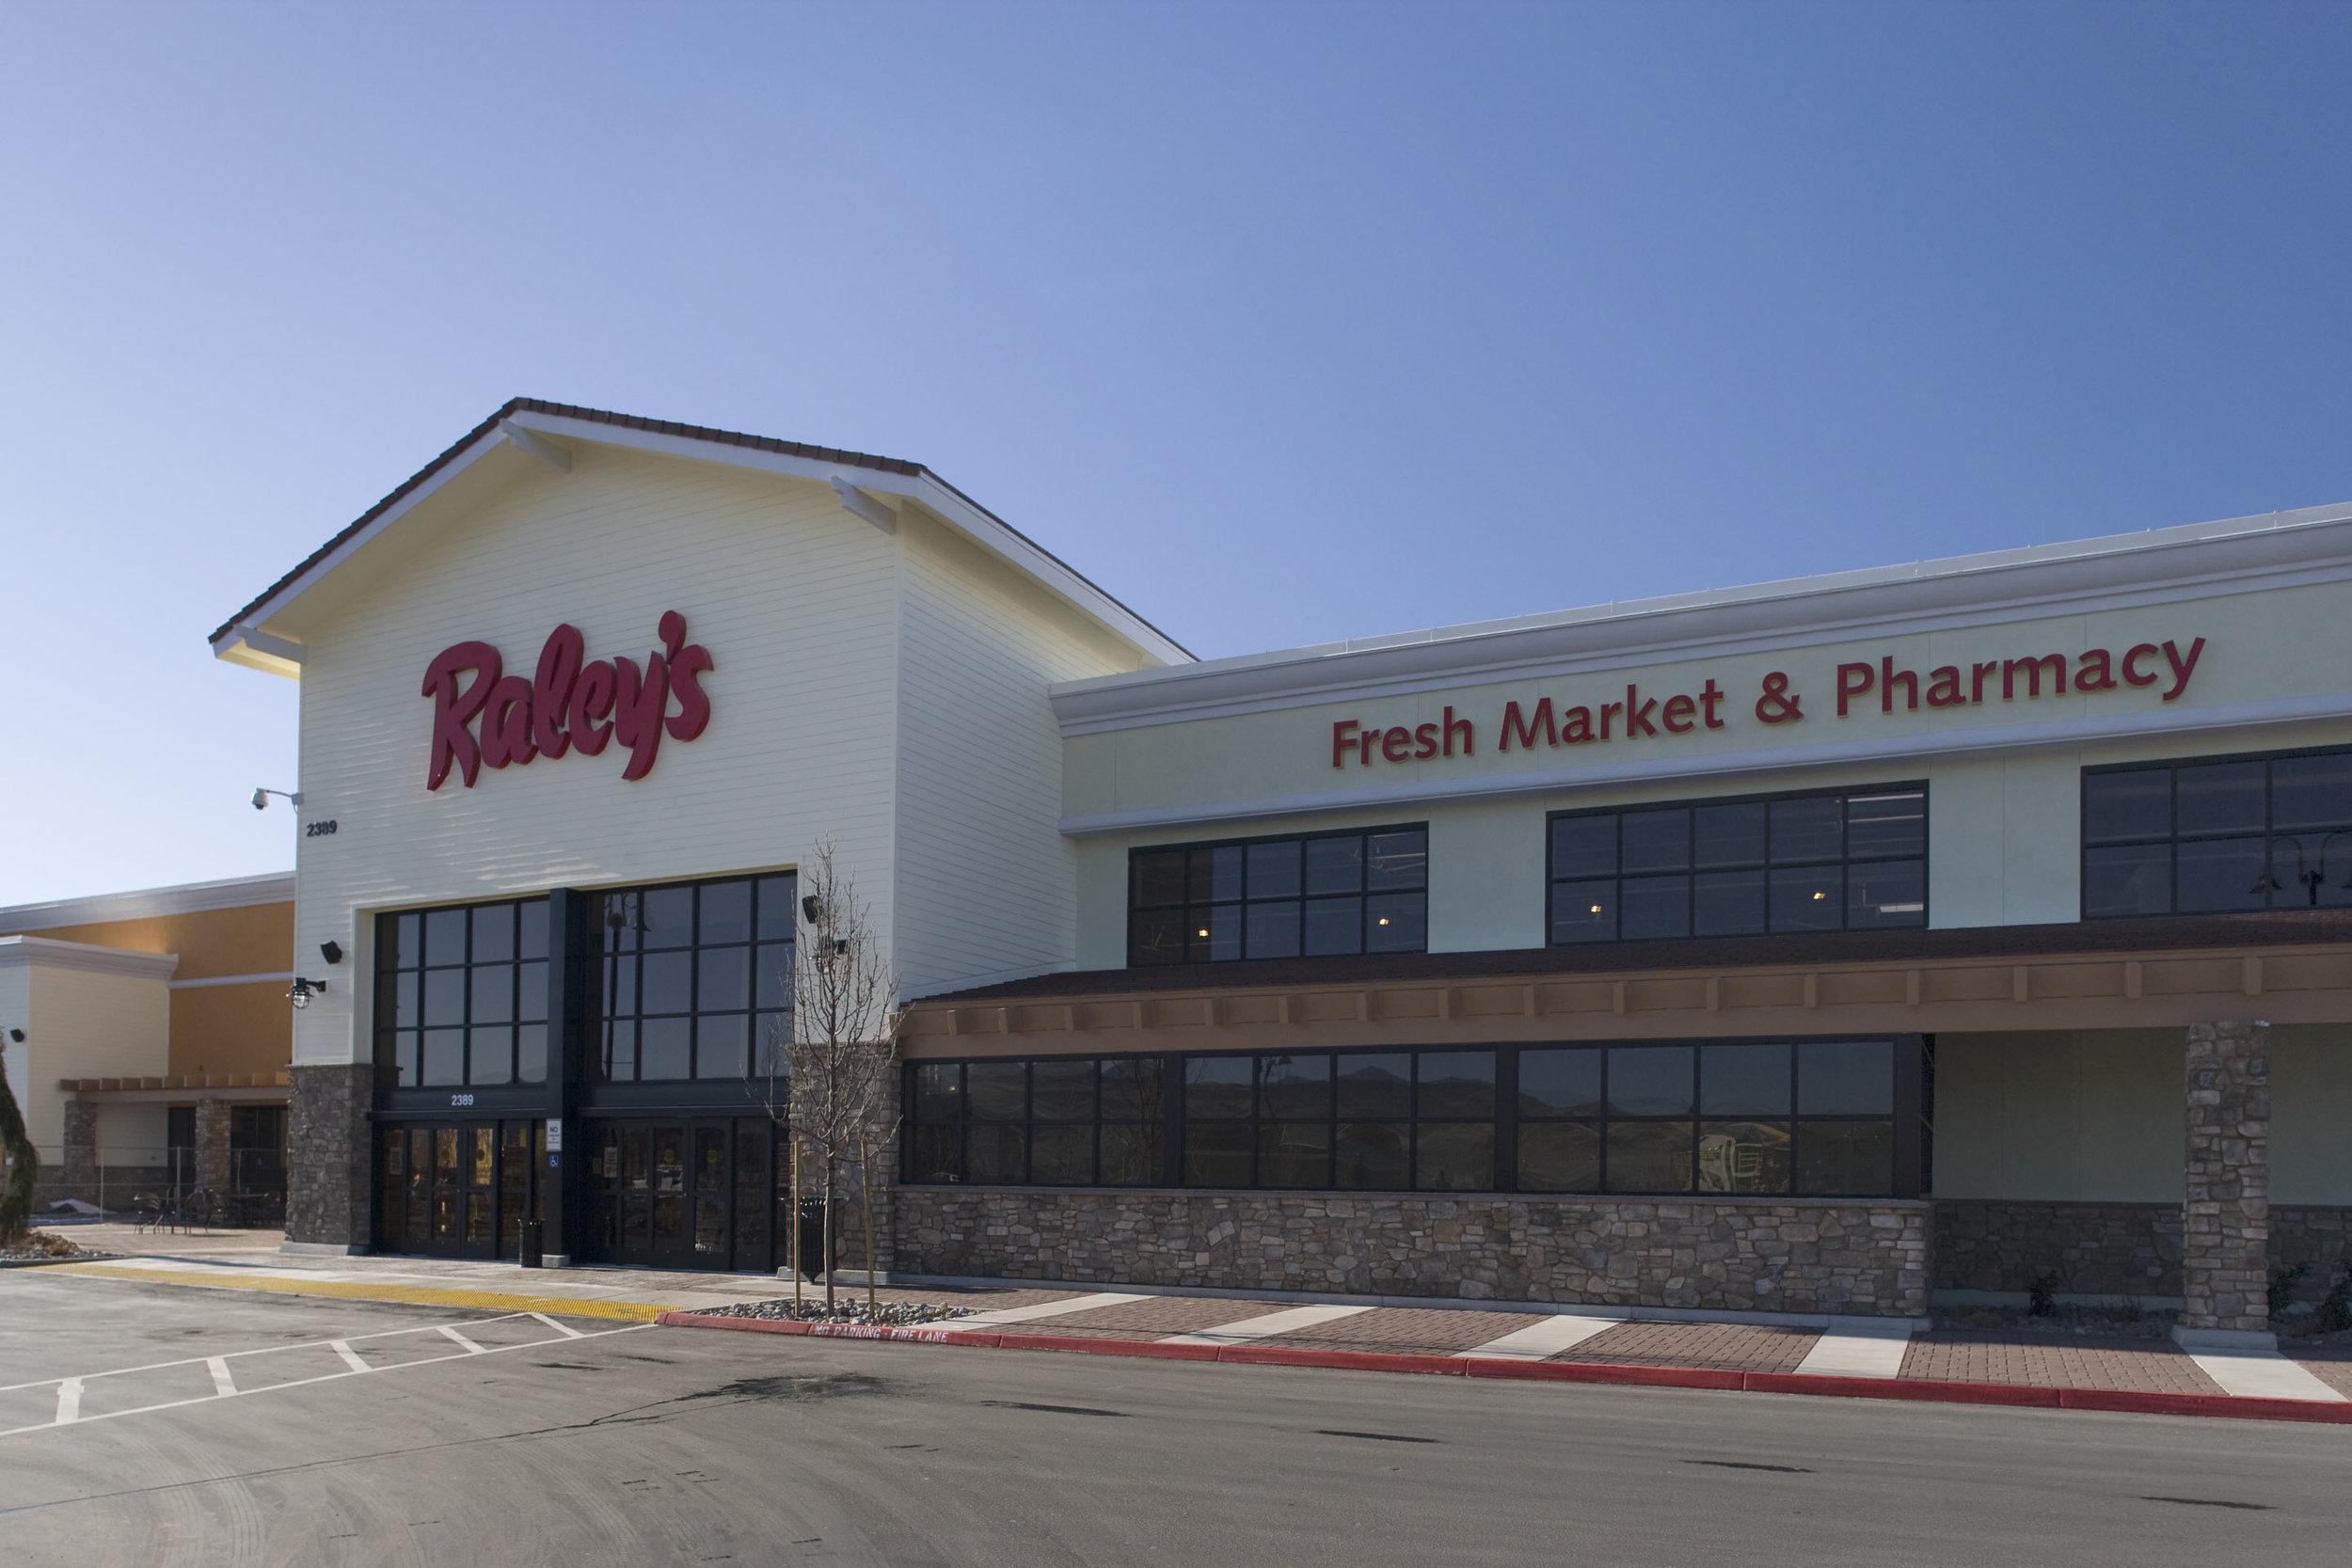 Pioneer Meadows Raley's photo 1.jpg